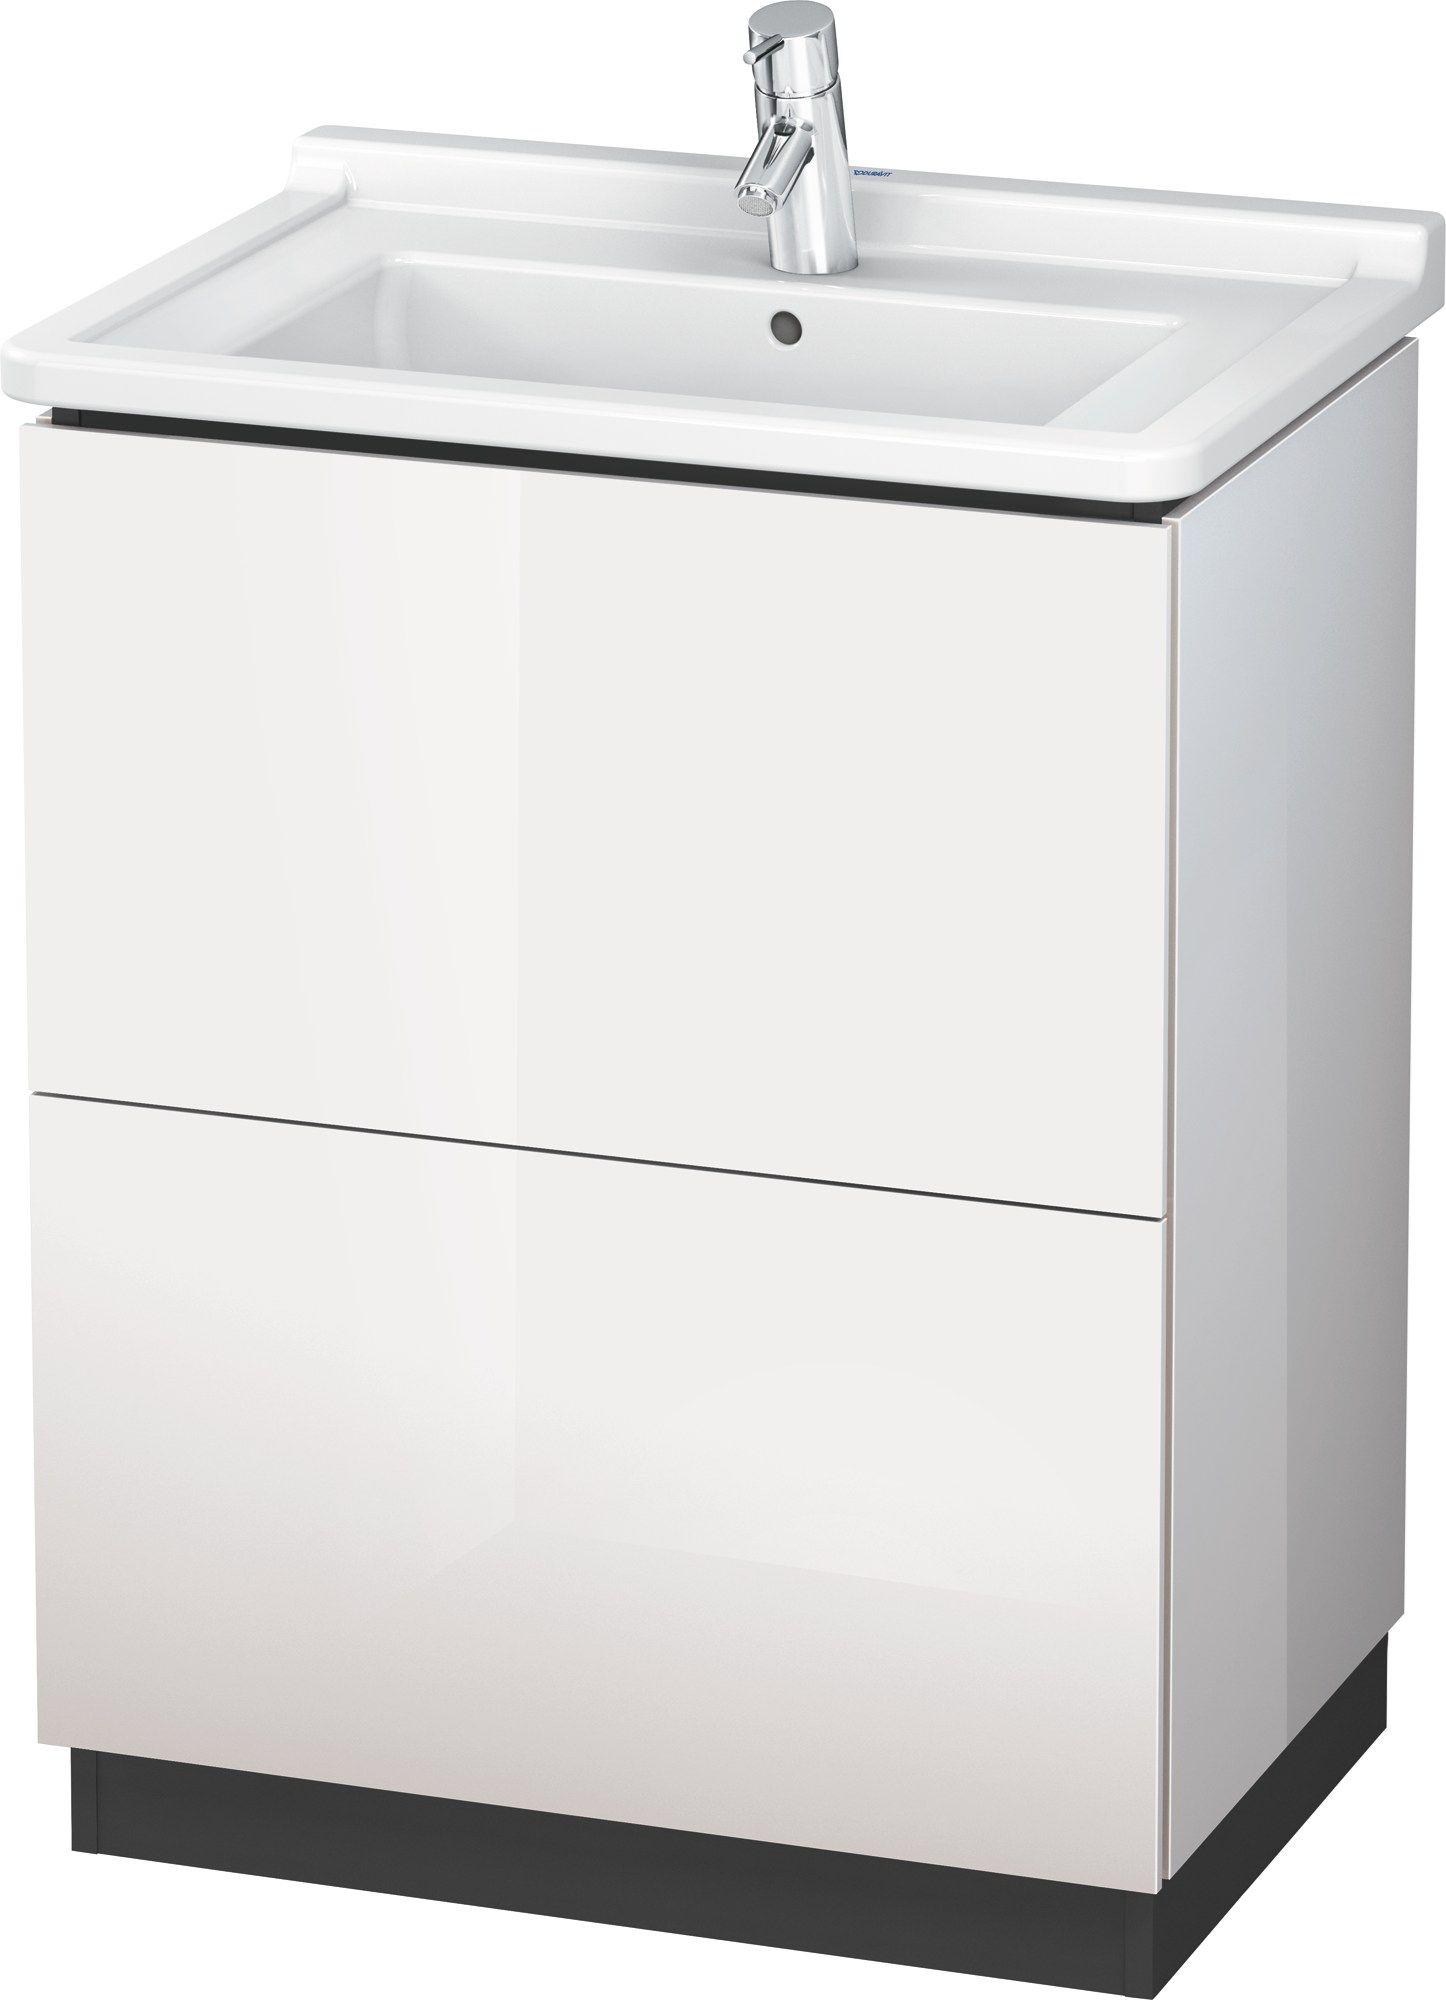 lc 6620 waschtischunterschrank mit schubladen by duravit. Black Bedroom Furniture Sets. Home Design Ideas